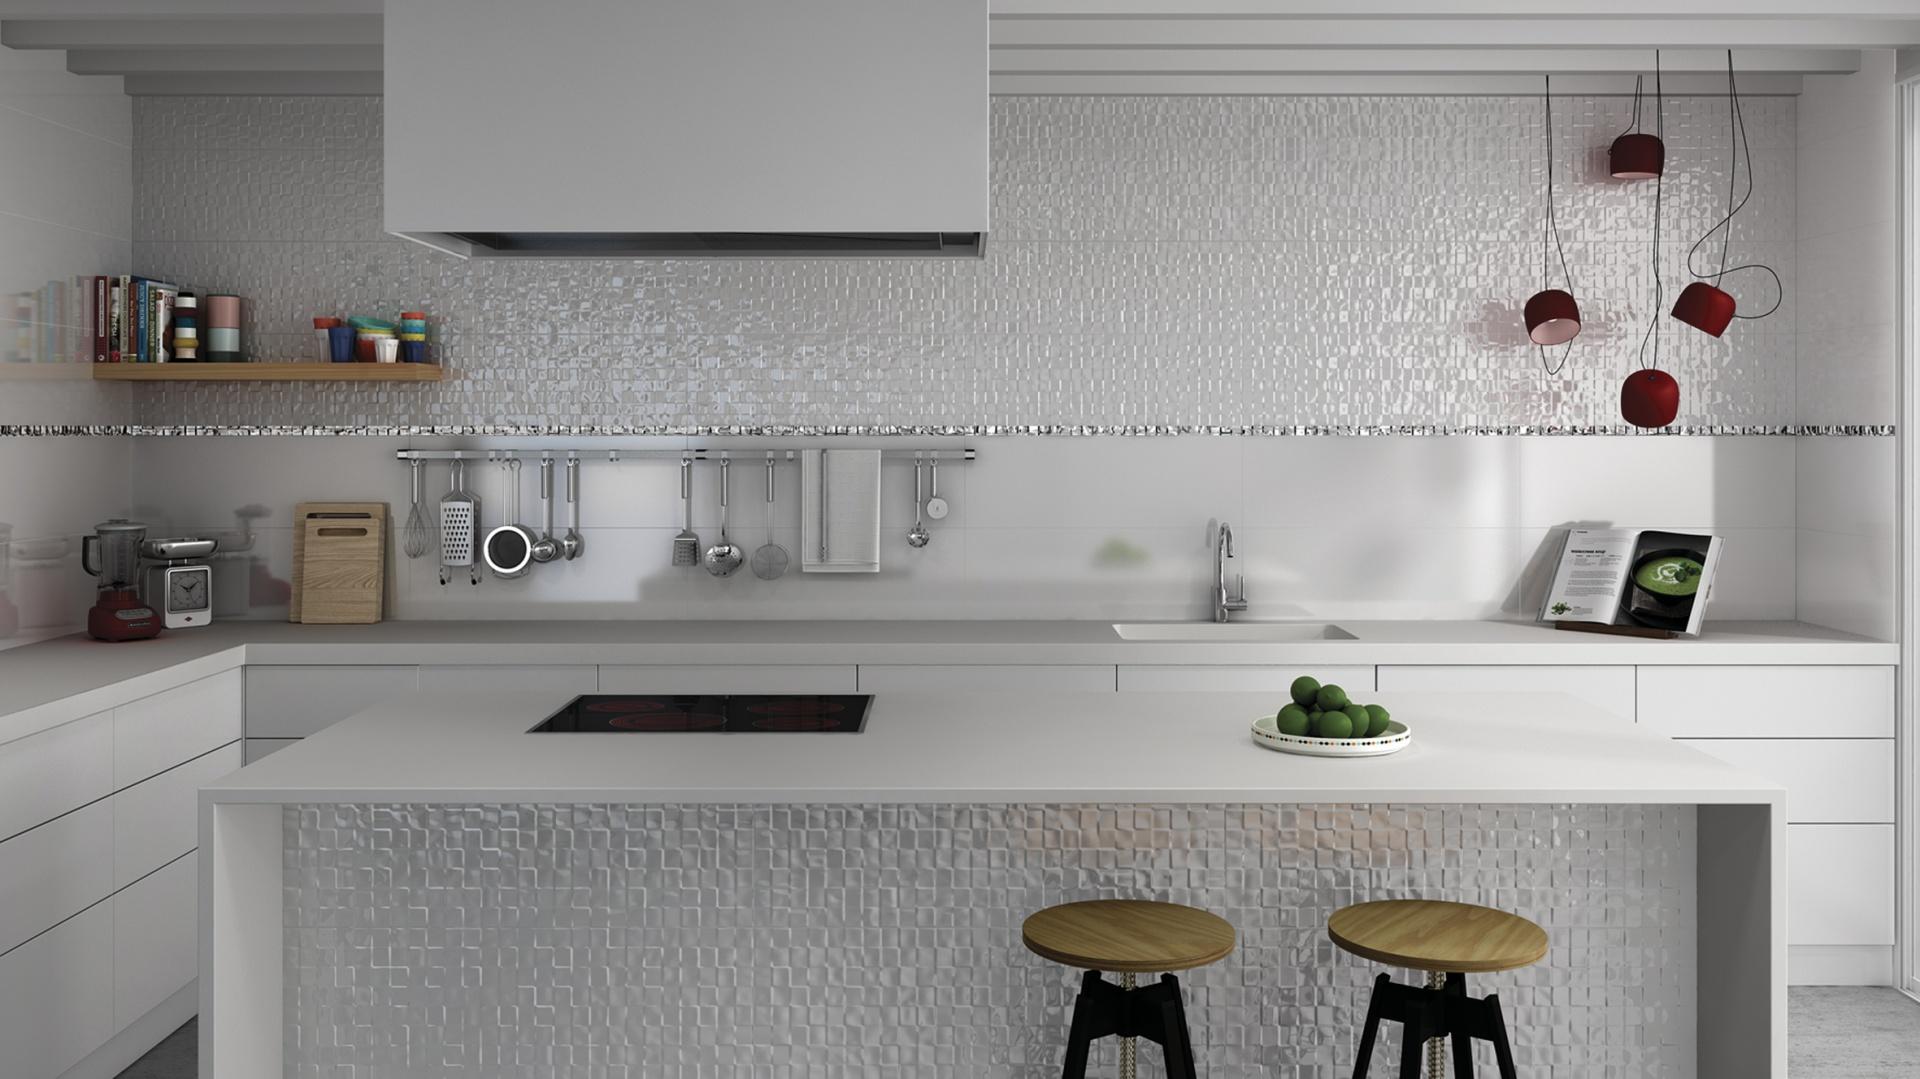 Śliczna mozaika, którą Modne płytki najnowsze   -> Kuchnia Plytki Mozaika